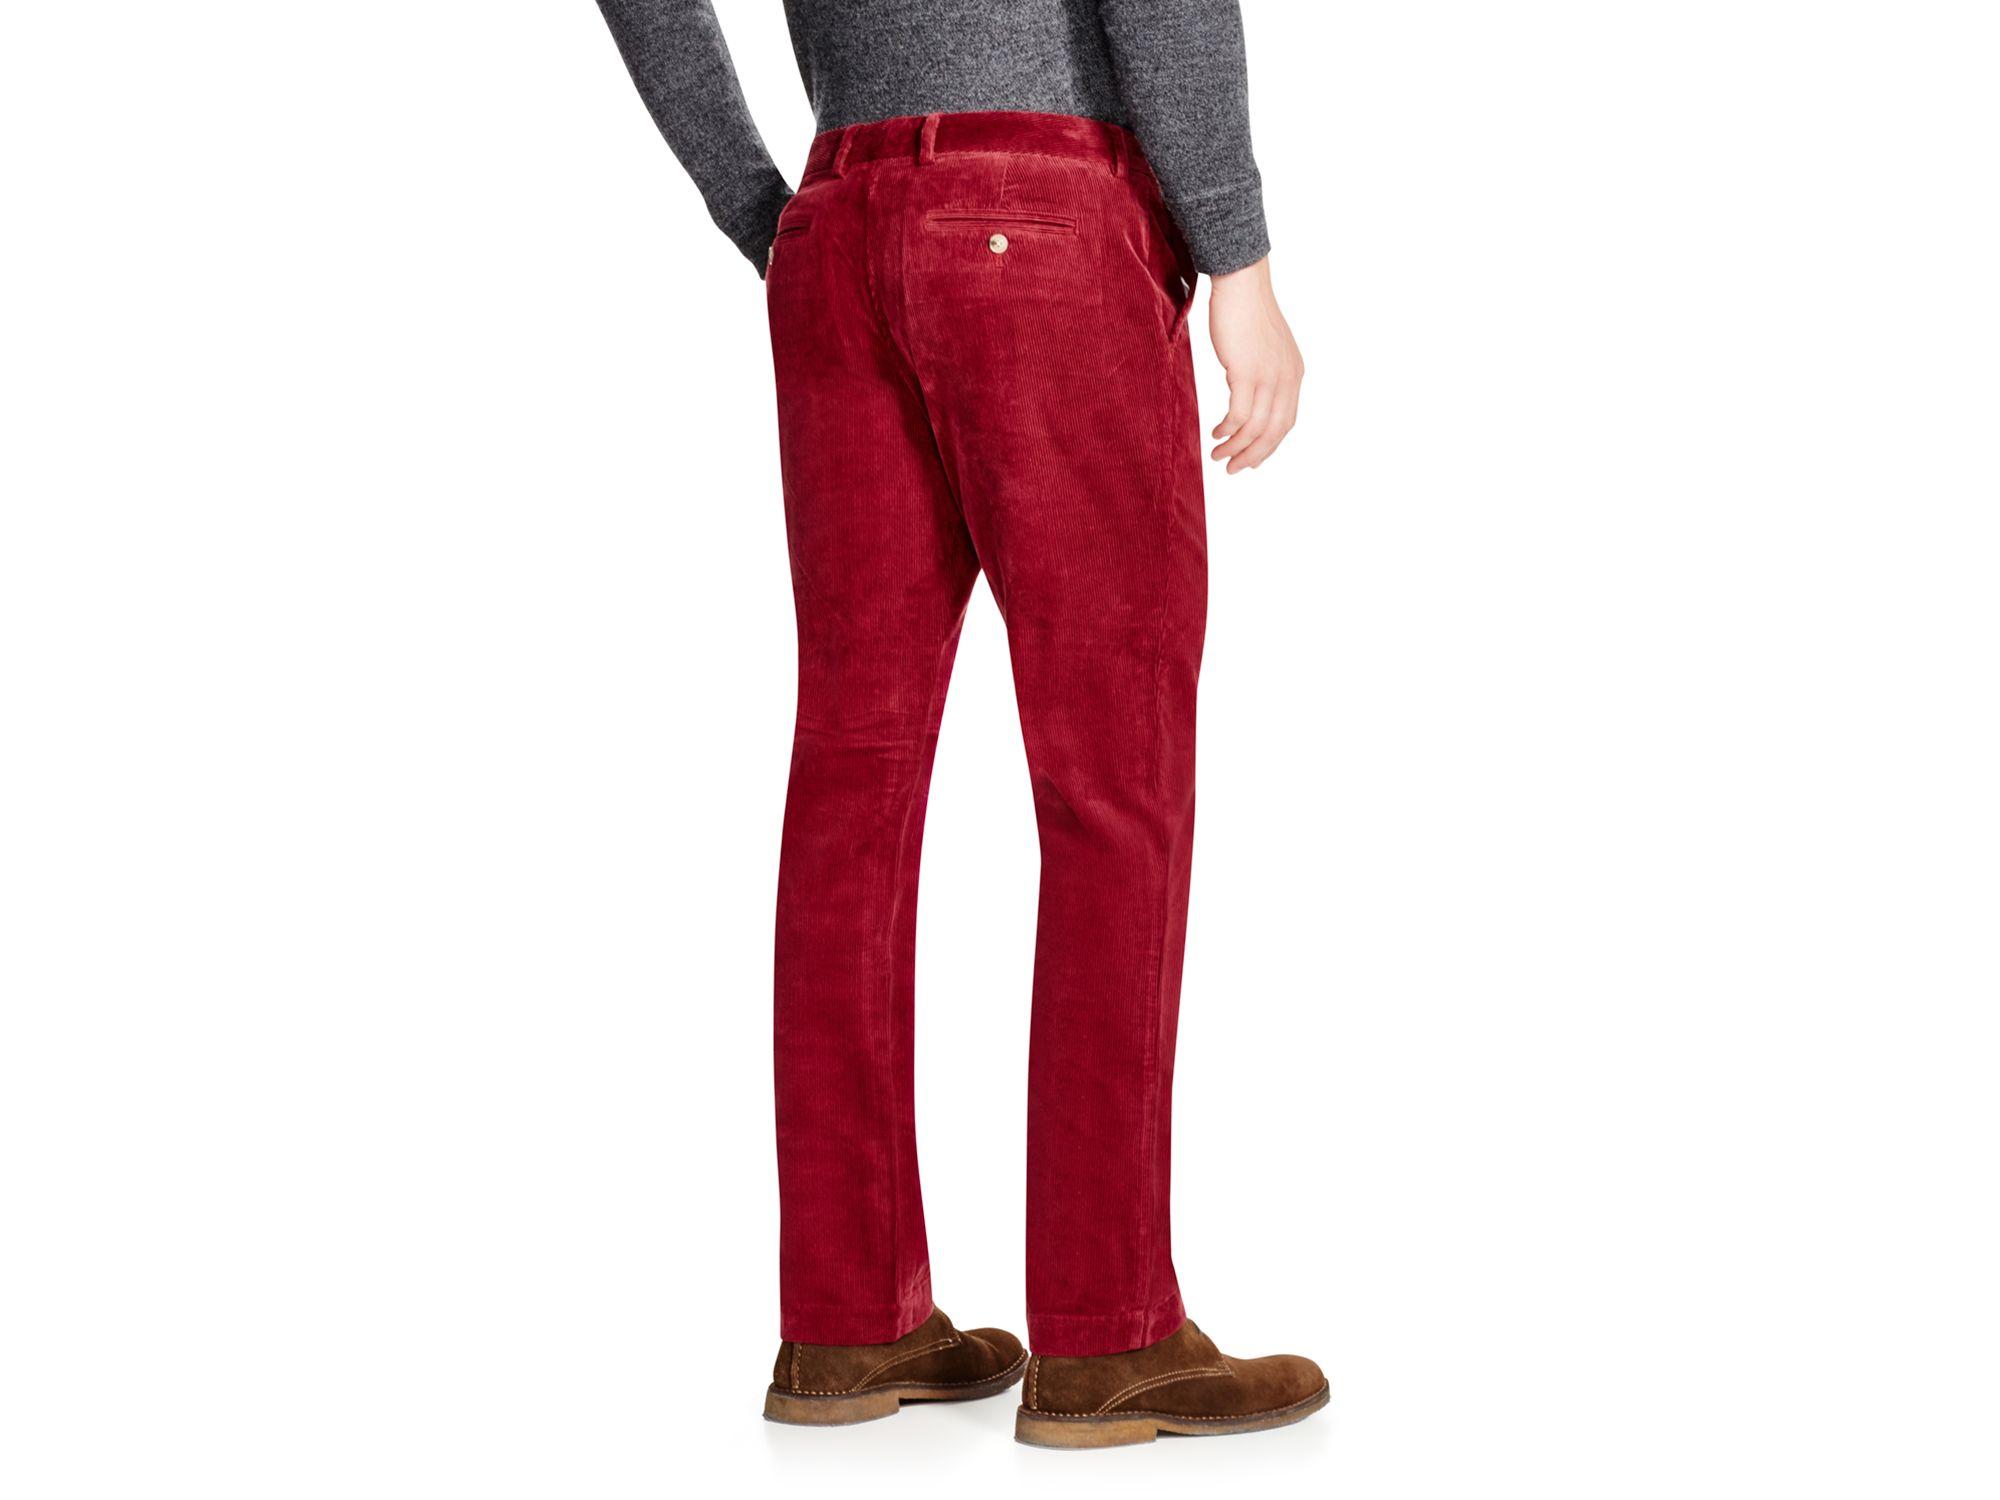 10 Vineyard Vines Boys Boys Breaker Corduroy Red Pants